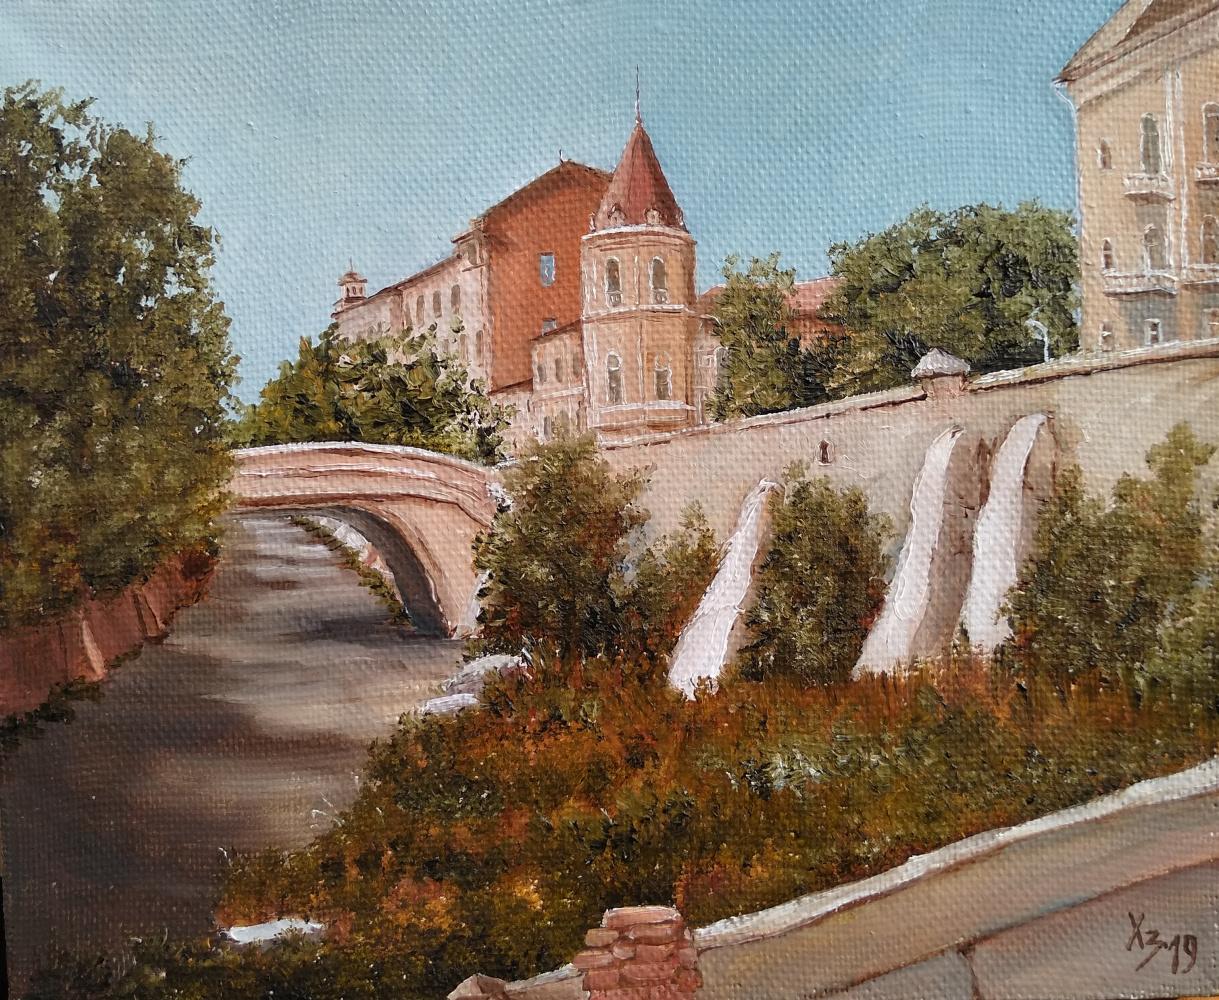 Сергей Николаевич Ходоренко-Затонский. Stone Bridge, 80s